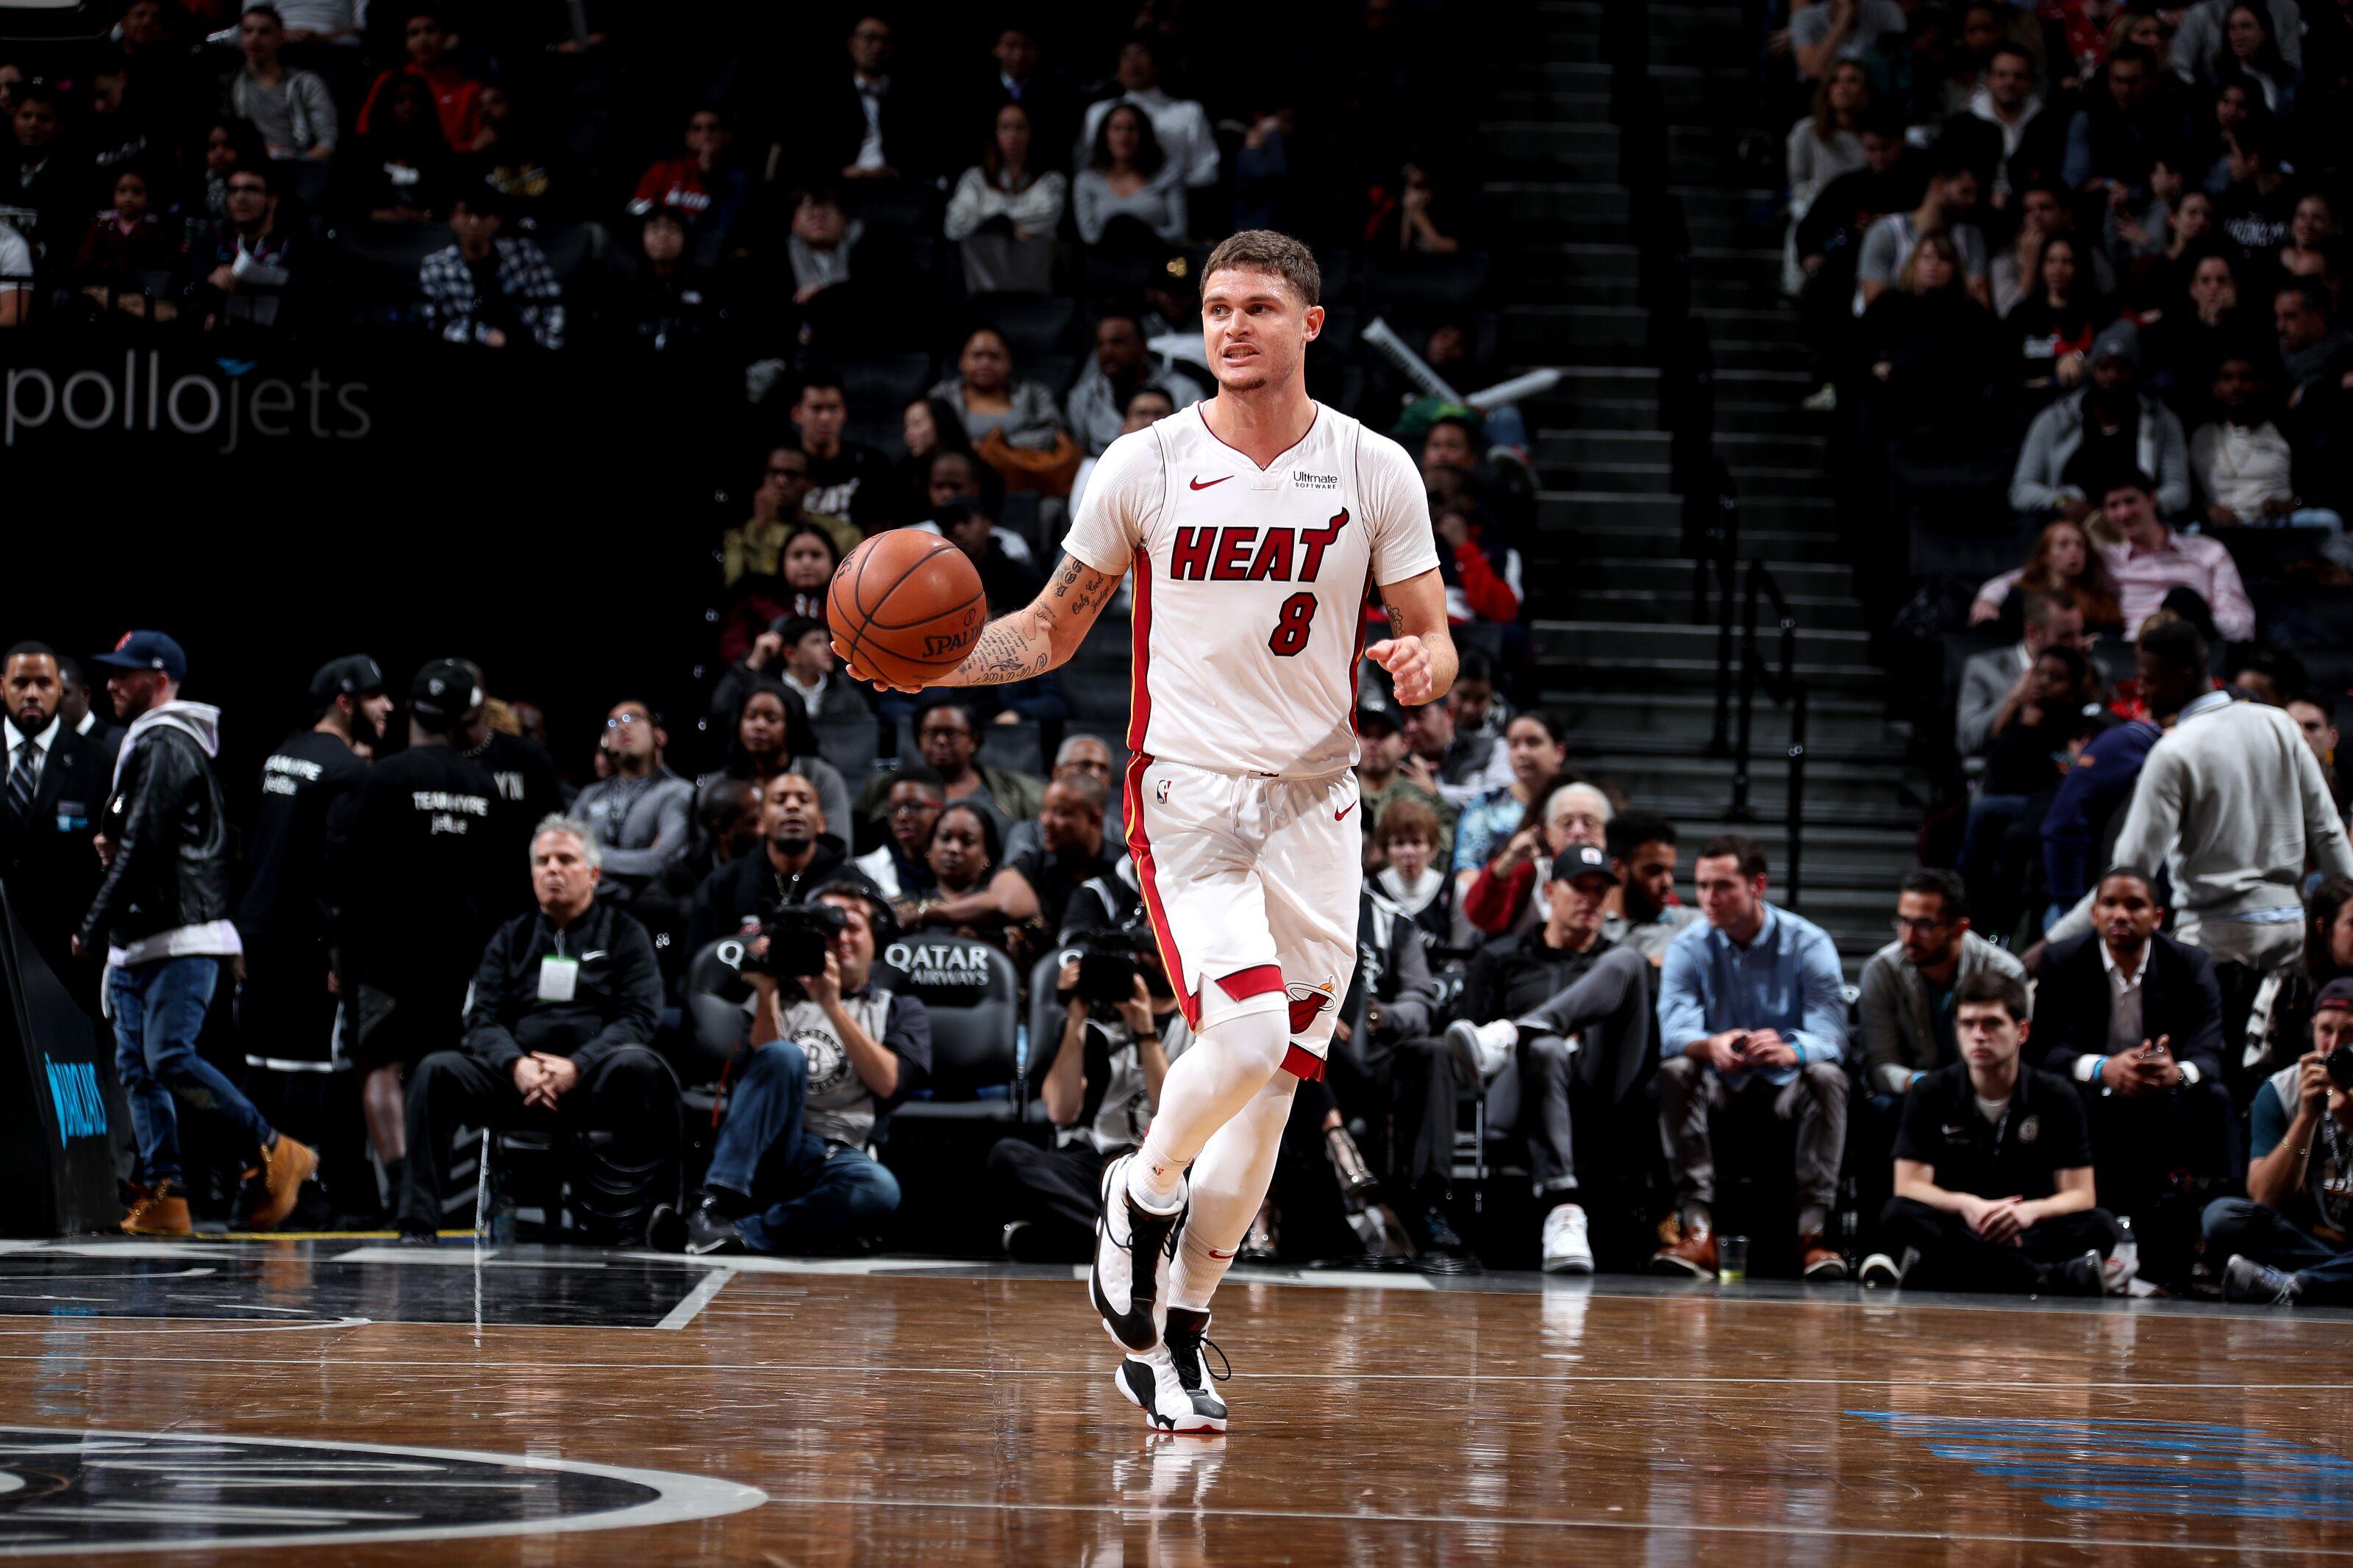 Miami Heat: Tyler Johnson hustles hard against the Brooklyn Nets